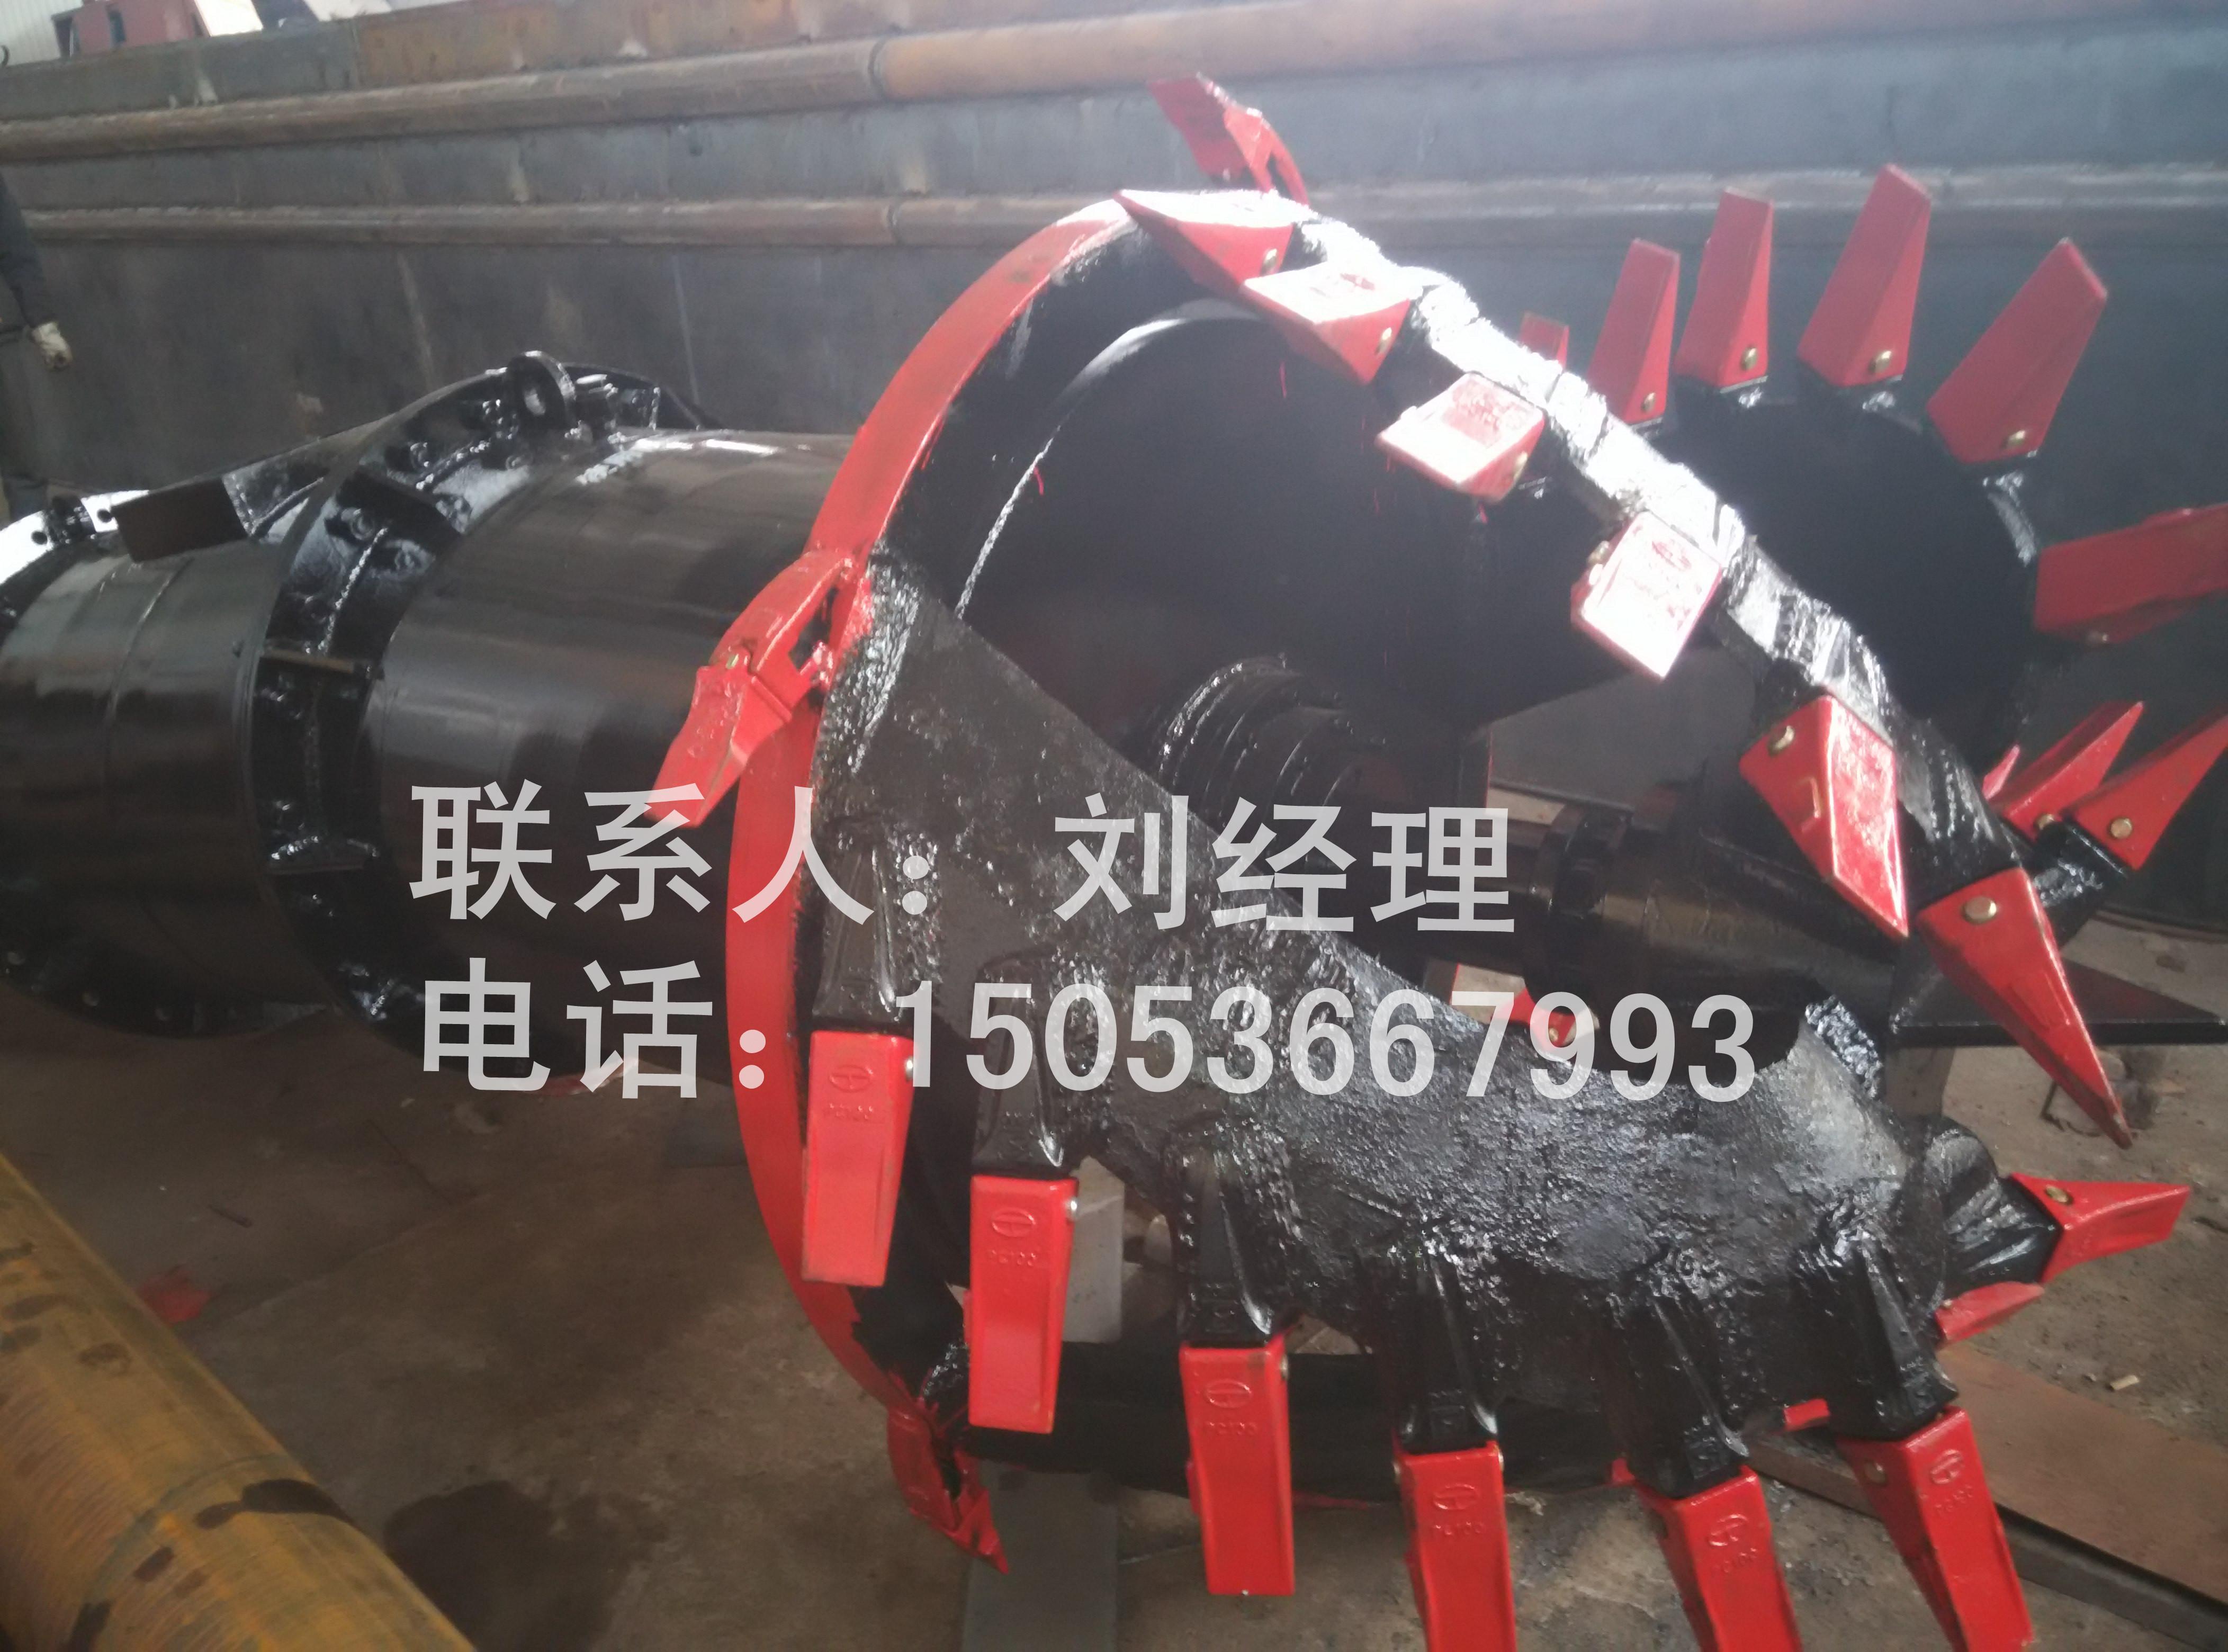 濱州絞吸清淤船配件_報價合理的絞吸清淤船絞刀頭,海河疏浚設備傾力推薦